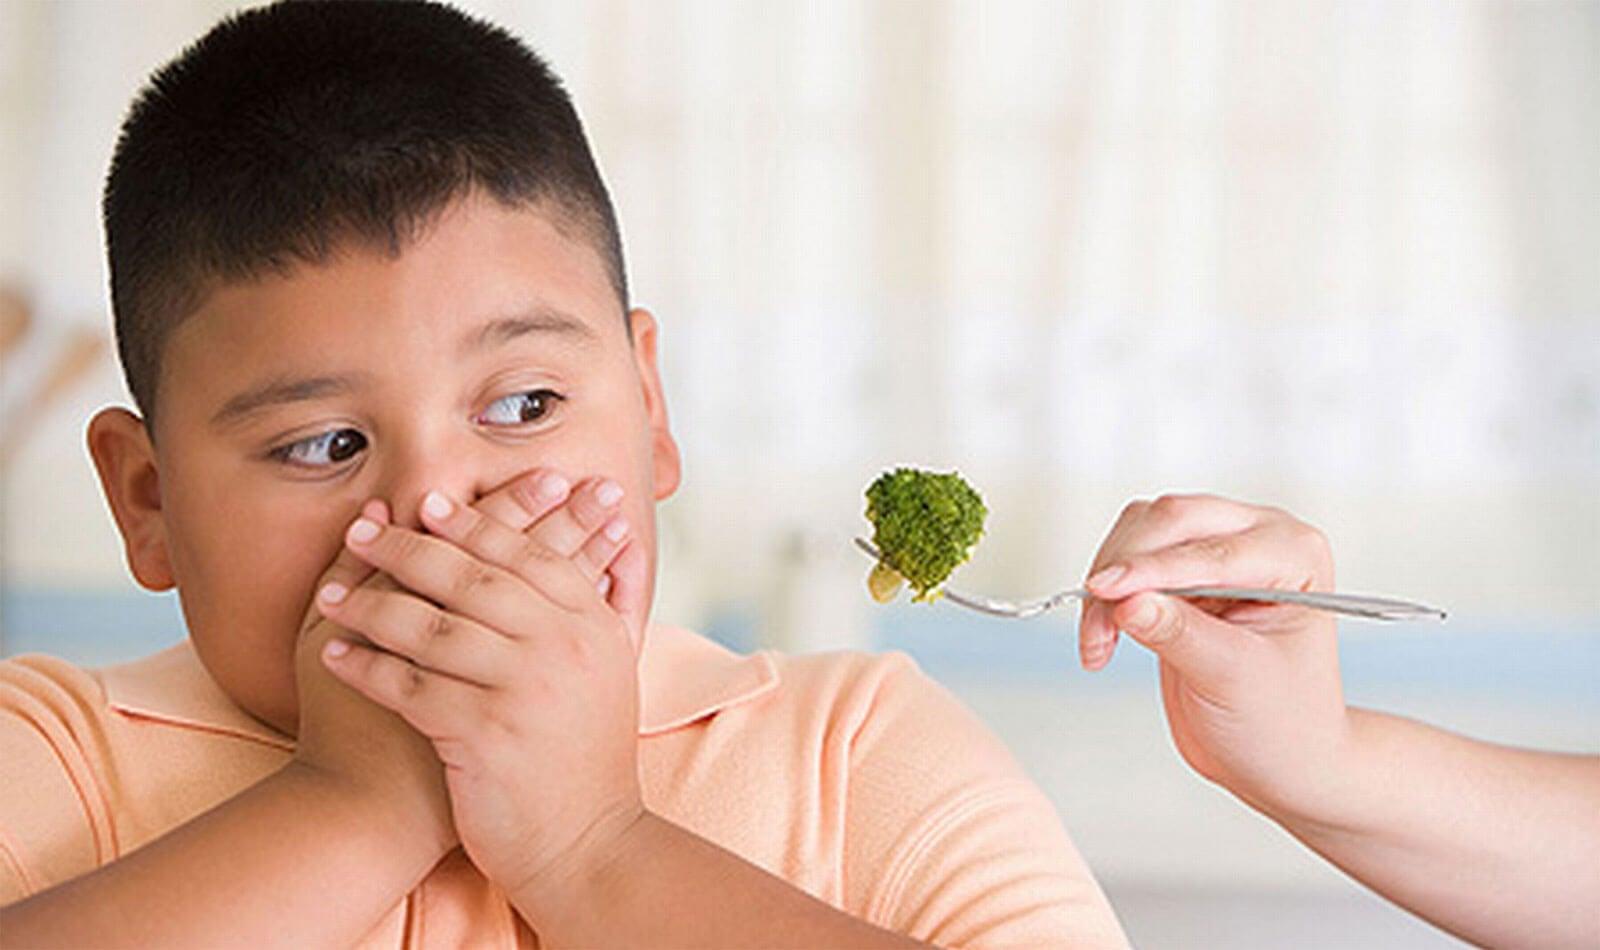 Niño con obesidad infantil rechazando un trozo de brócoli